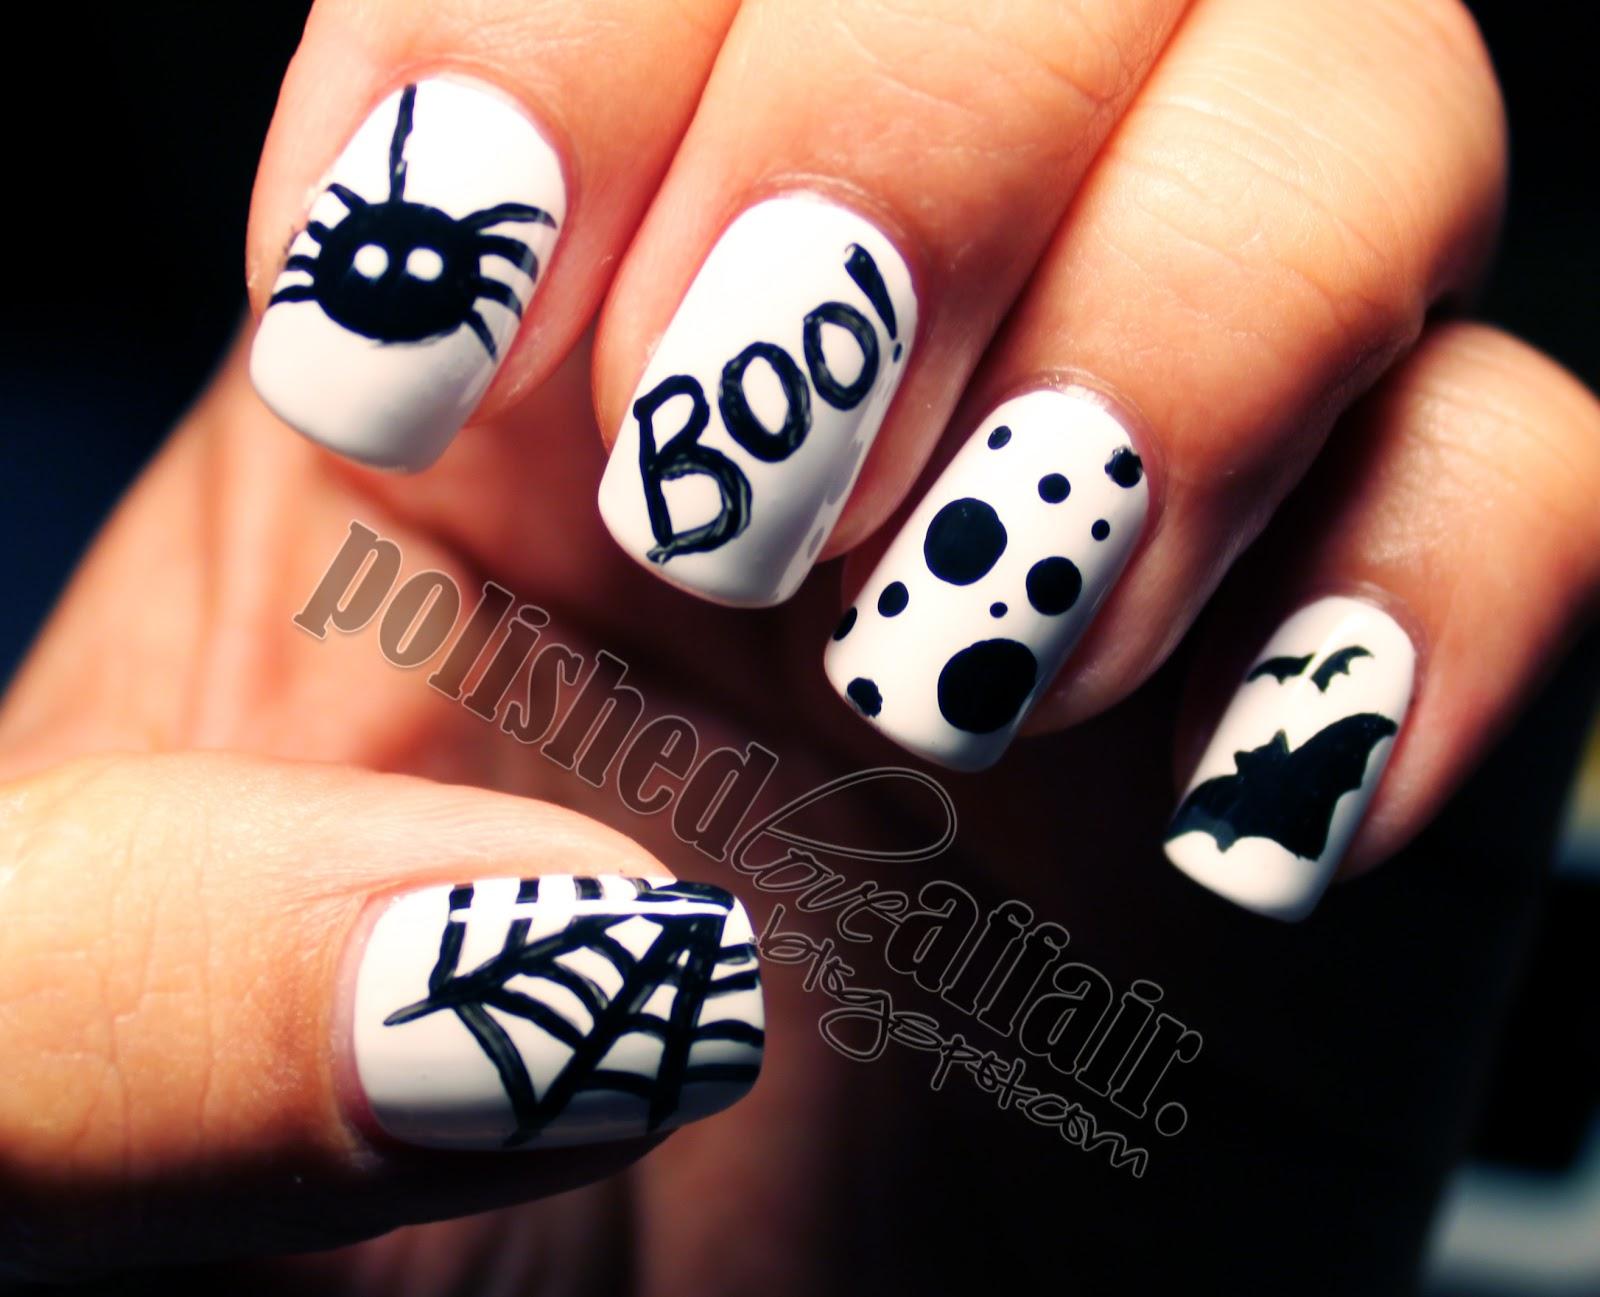 http://3.bp.blogspot.com/_BDdyUQIyI5I/TMeQ647g0fI/AAAAAAAAAcM/CnNTpBZTNMY/s1600/HalloweenNails2.jpg